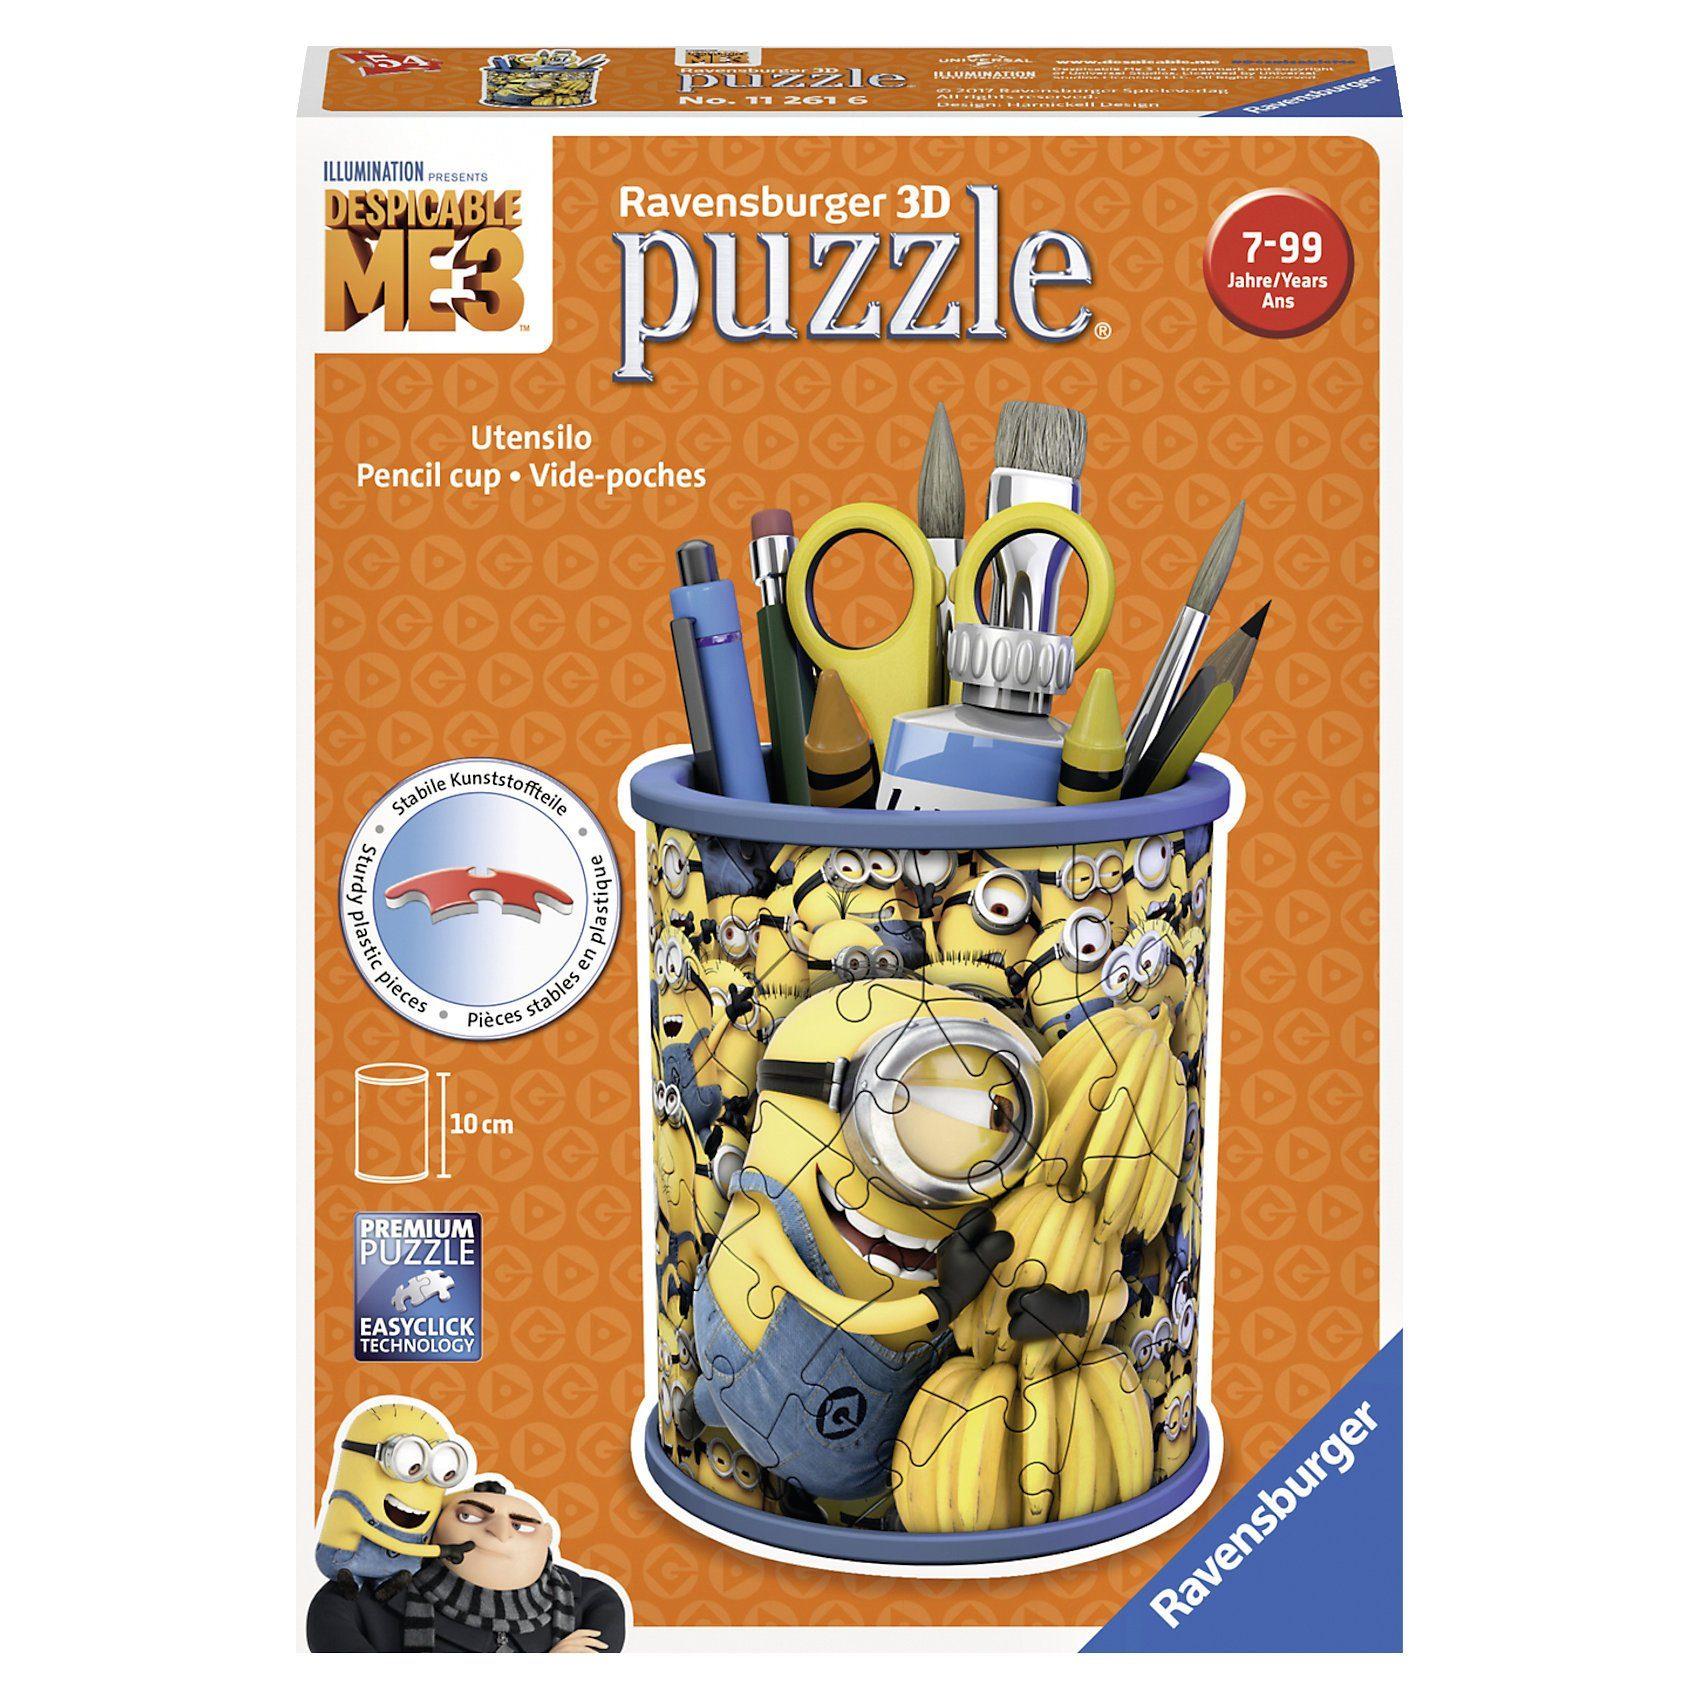 Ravensburger 3D Puzzle Utensilo Minions Ich - einfach unverbesserlich 3